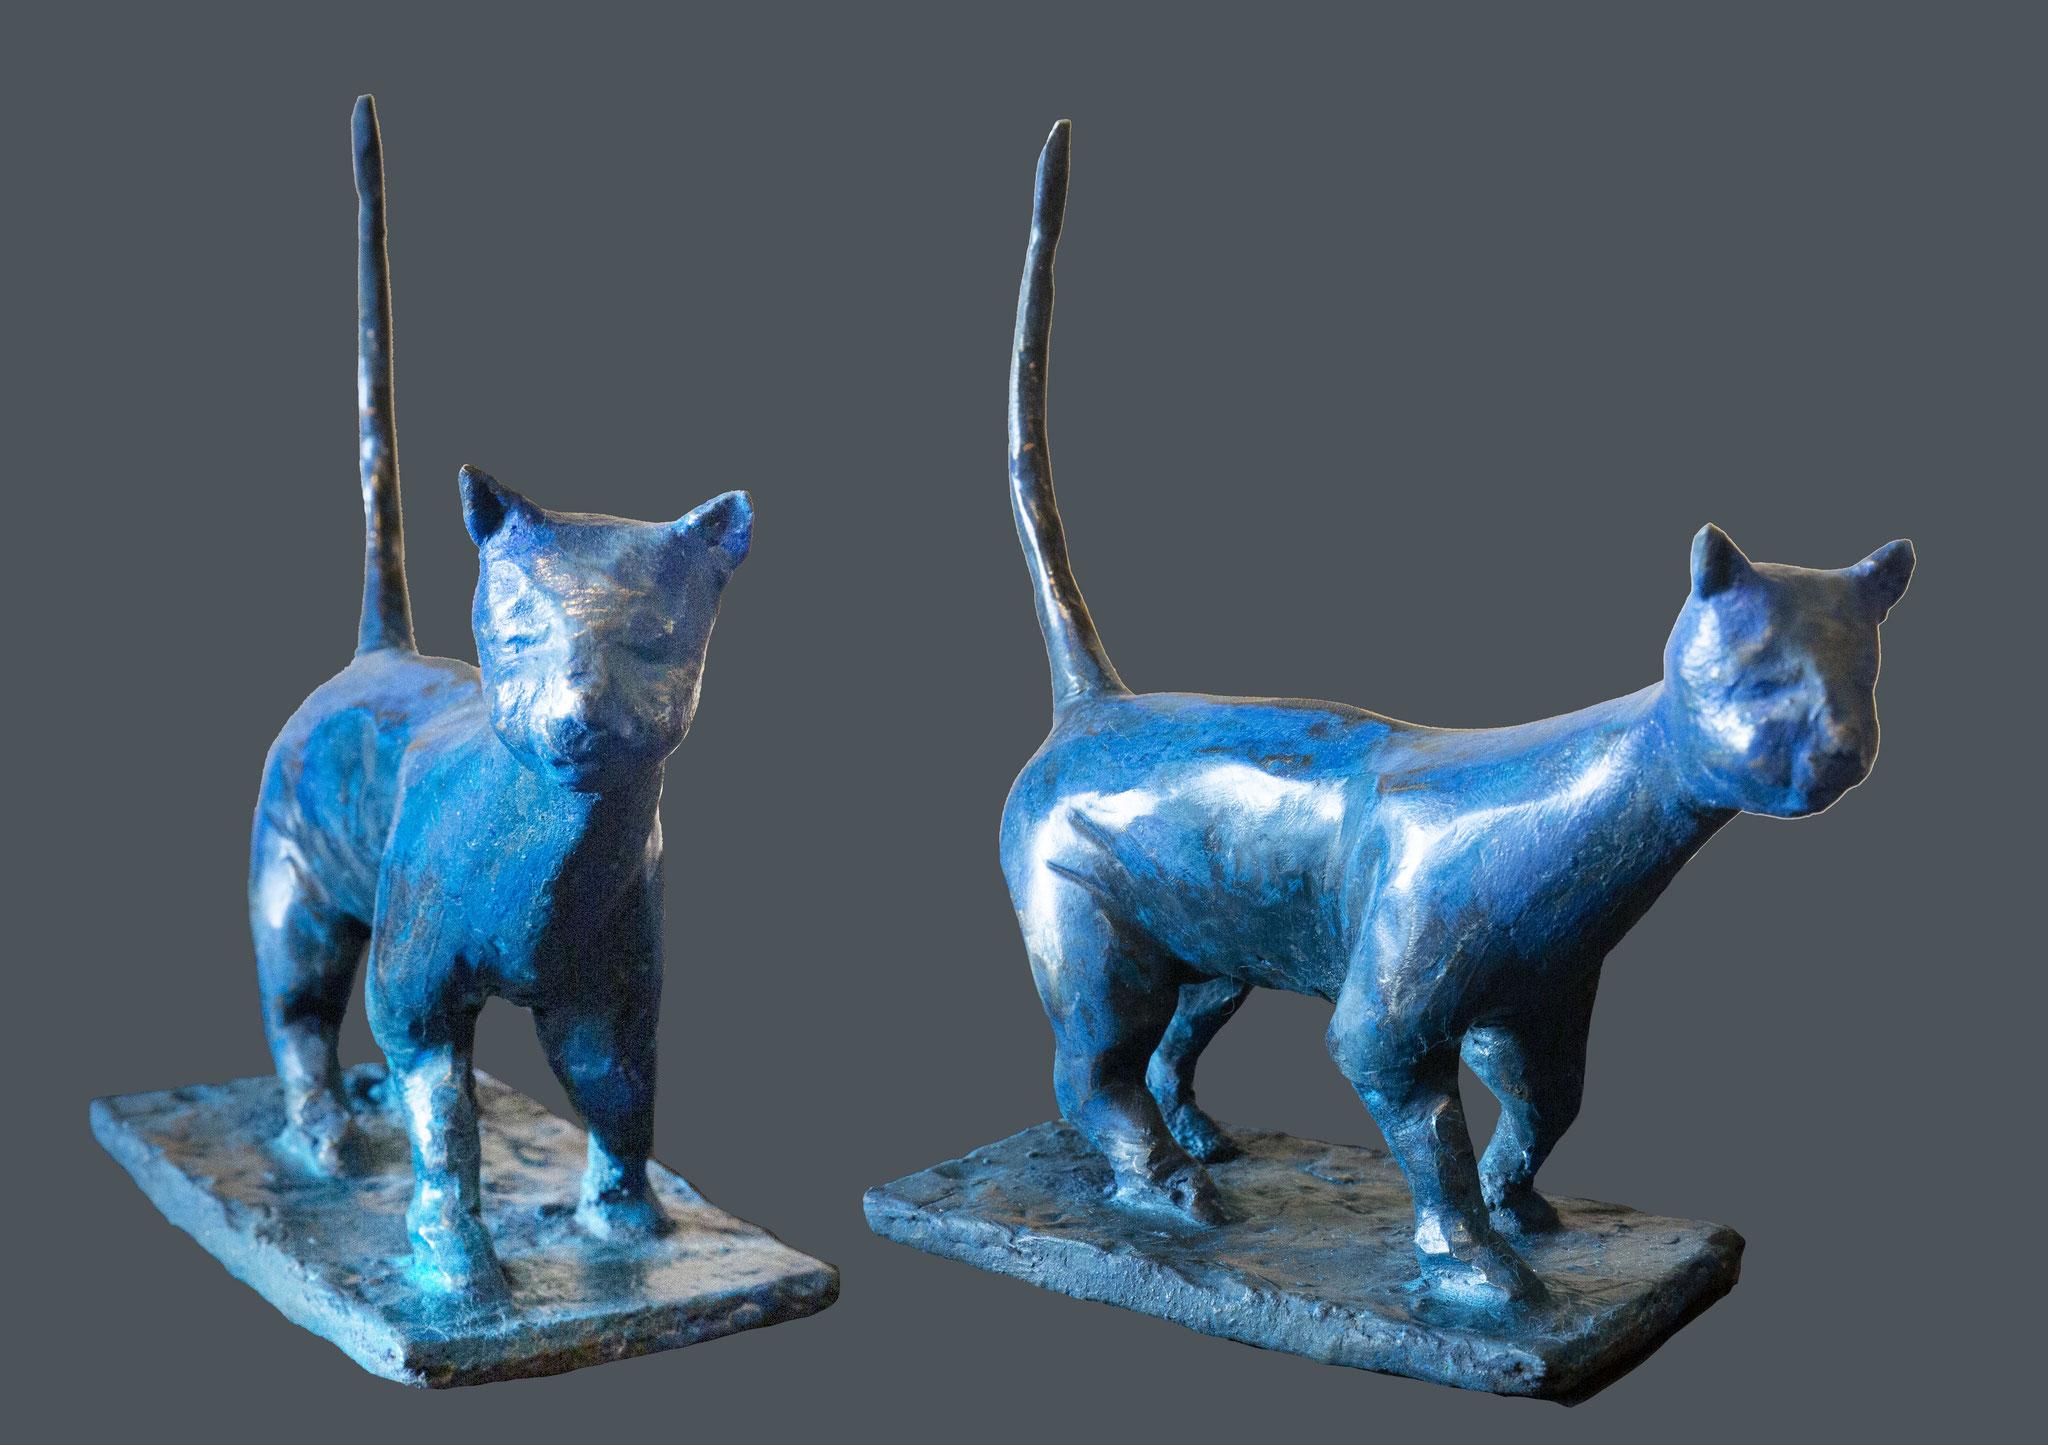 'The blue cat' • 7x20x17 cm 1,6kg